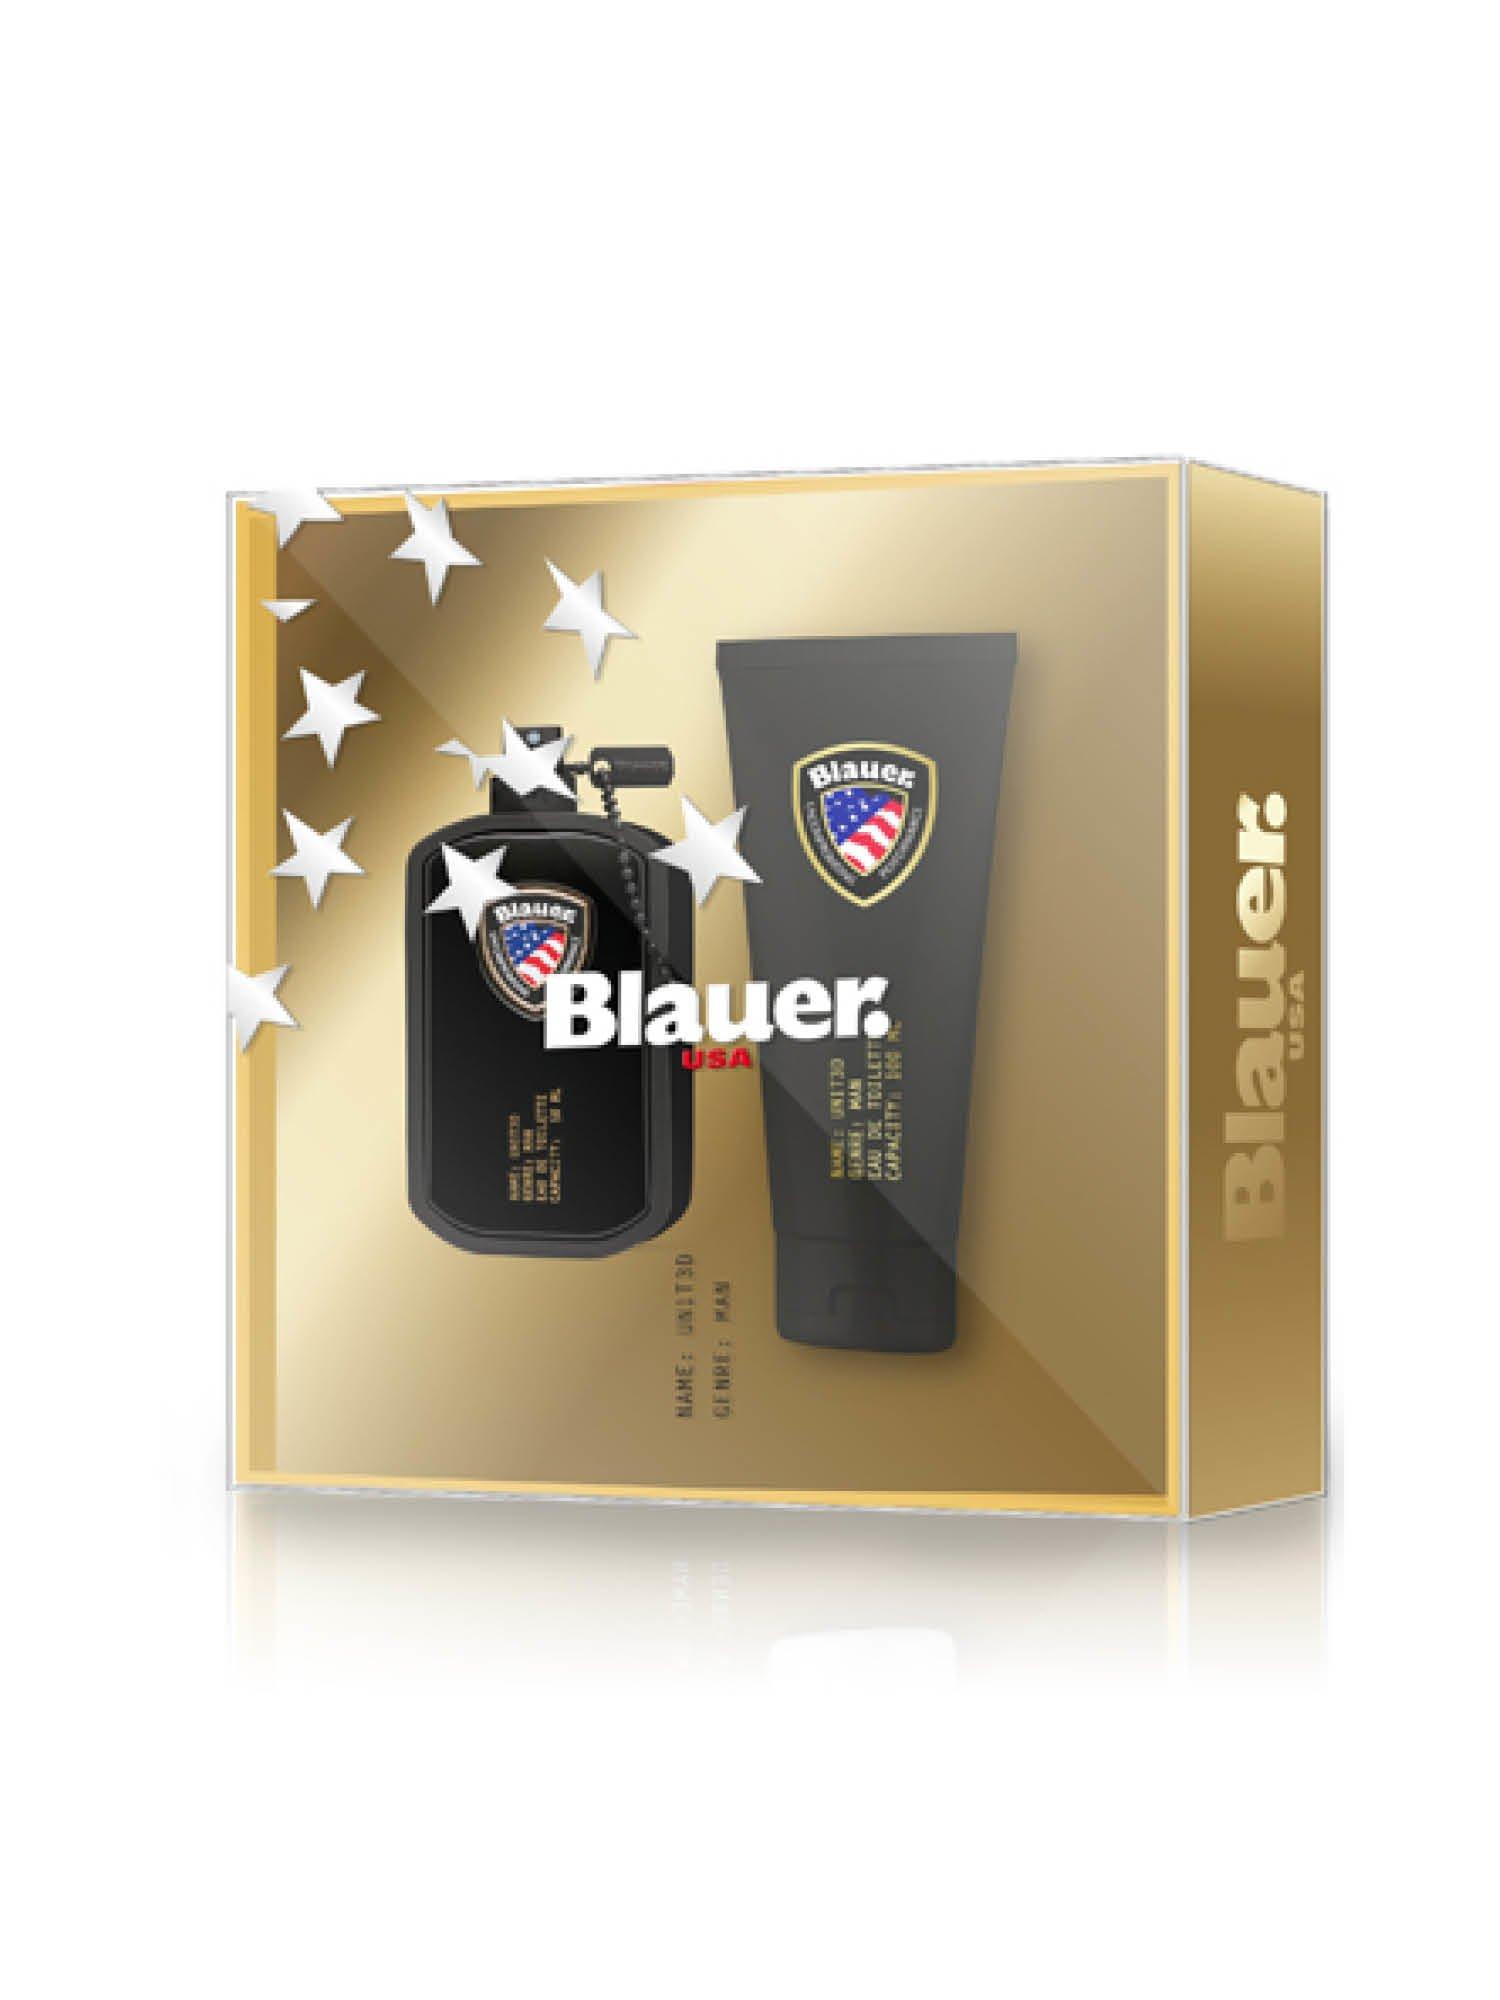 BLAUER UNITED FÜR HERREN GESCHENKBOX - Blauer